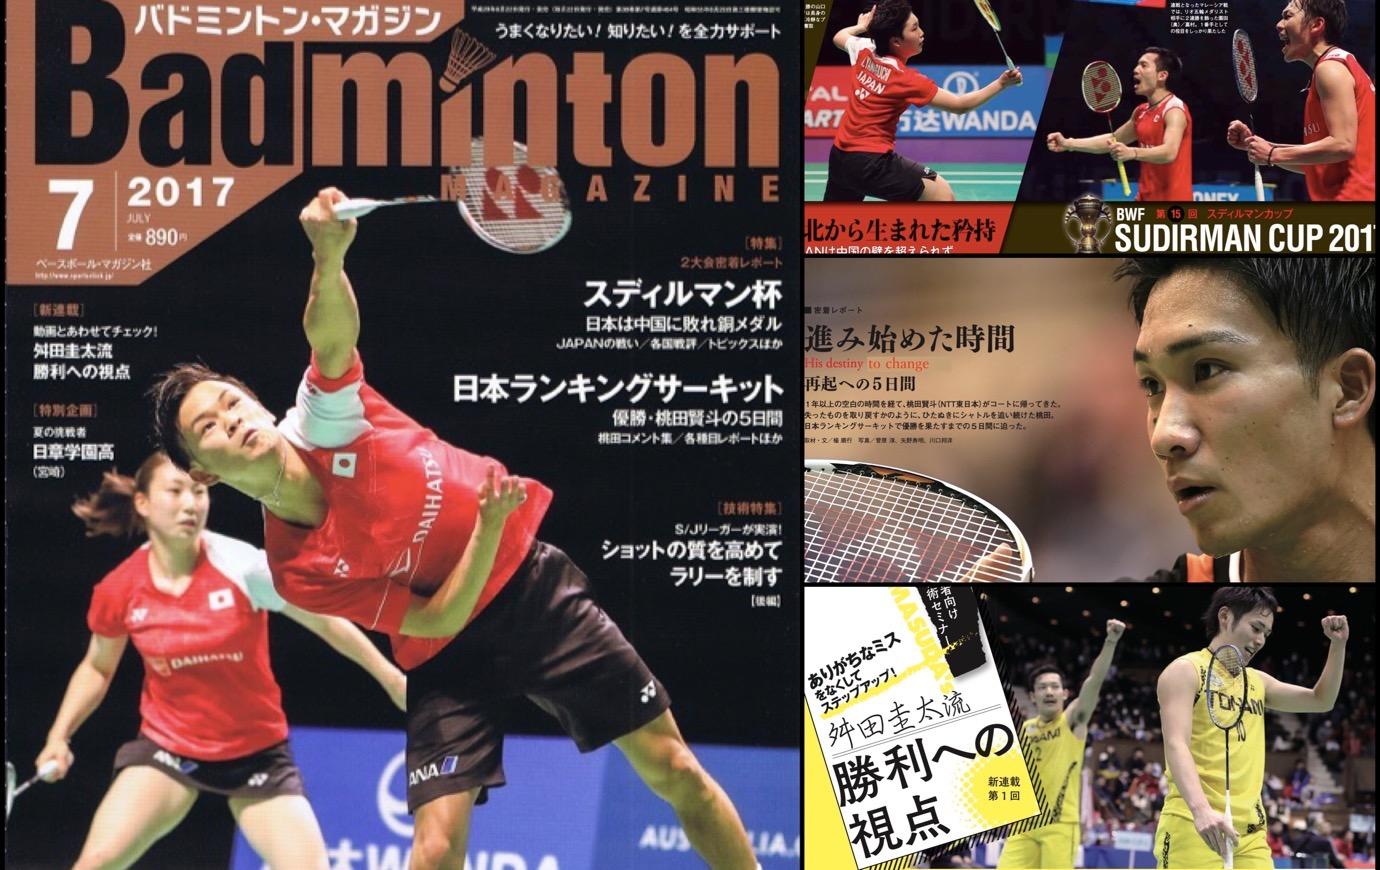 画像2: バドミントン・マガジン7月号が6月22日(木)に発売されました! 今月号も盛りだくさんの内容とな ... 続きを読む 【バドマガ情報】バドミントン・マガジン7月号が発売中! → www.badspi.jp